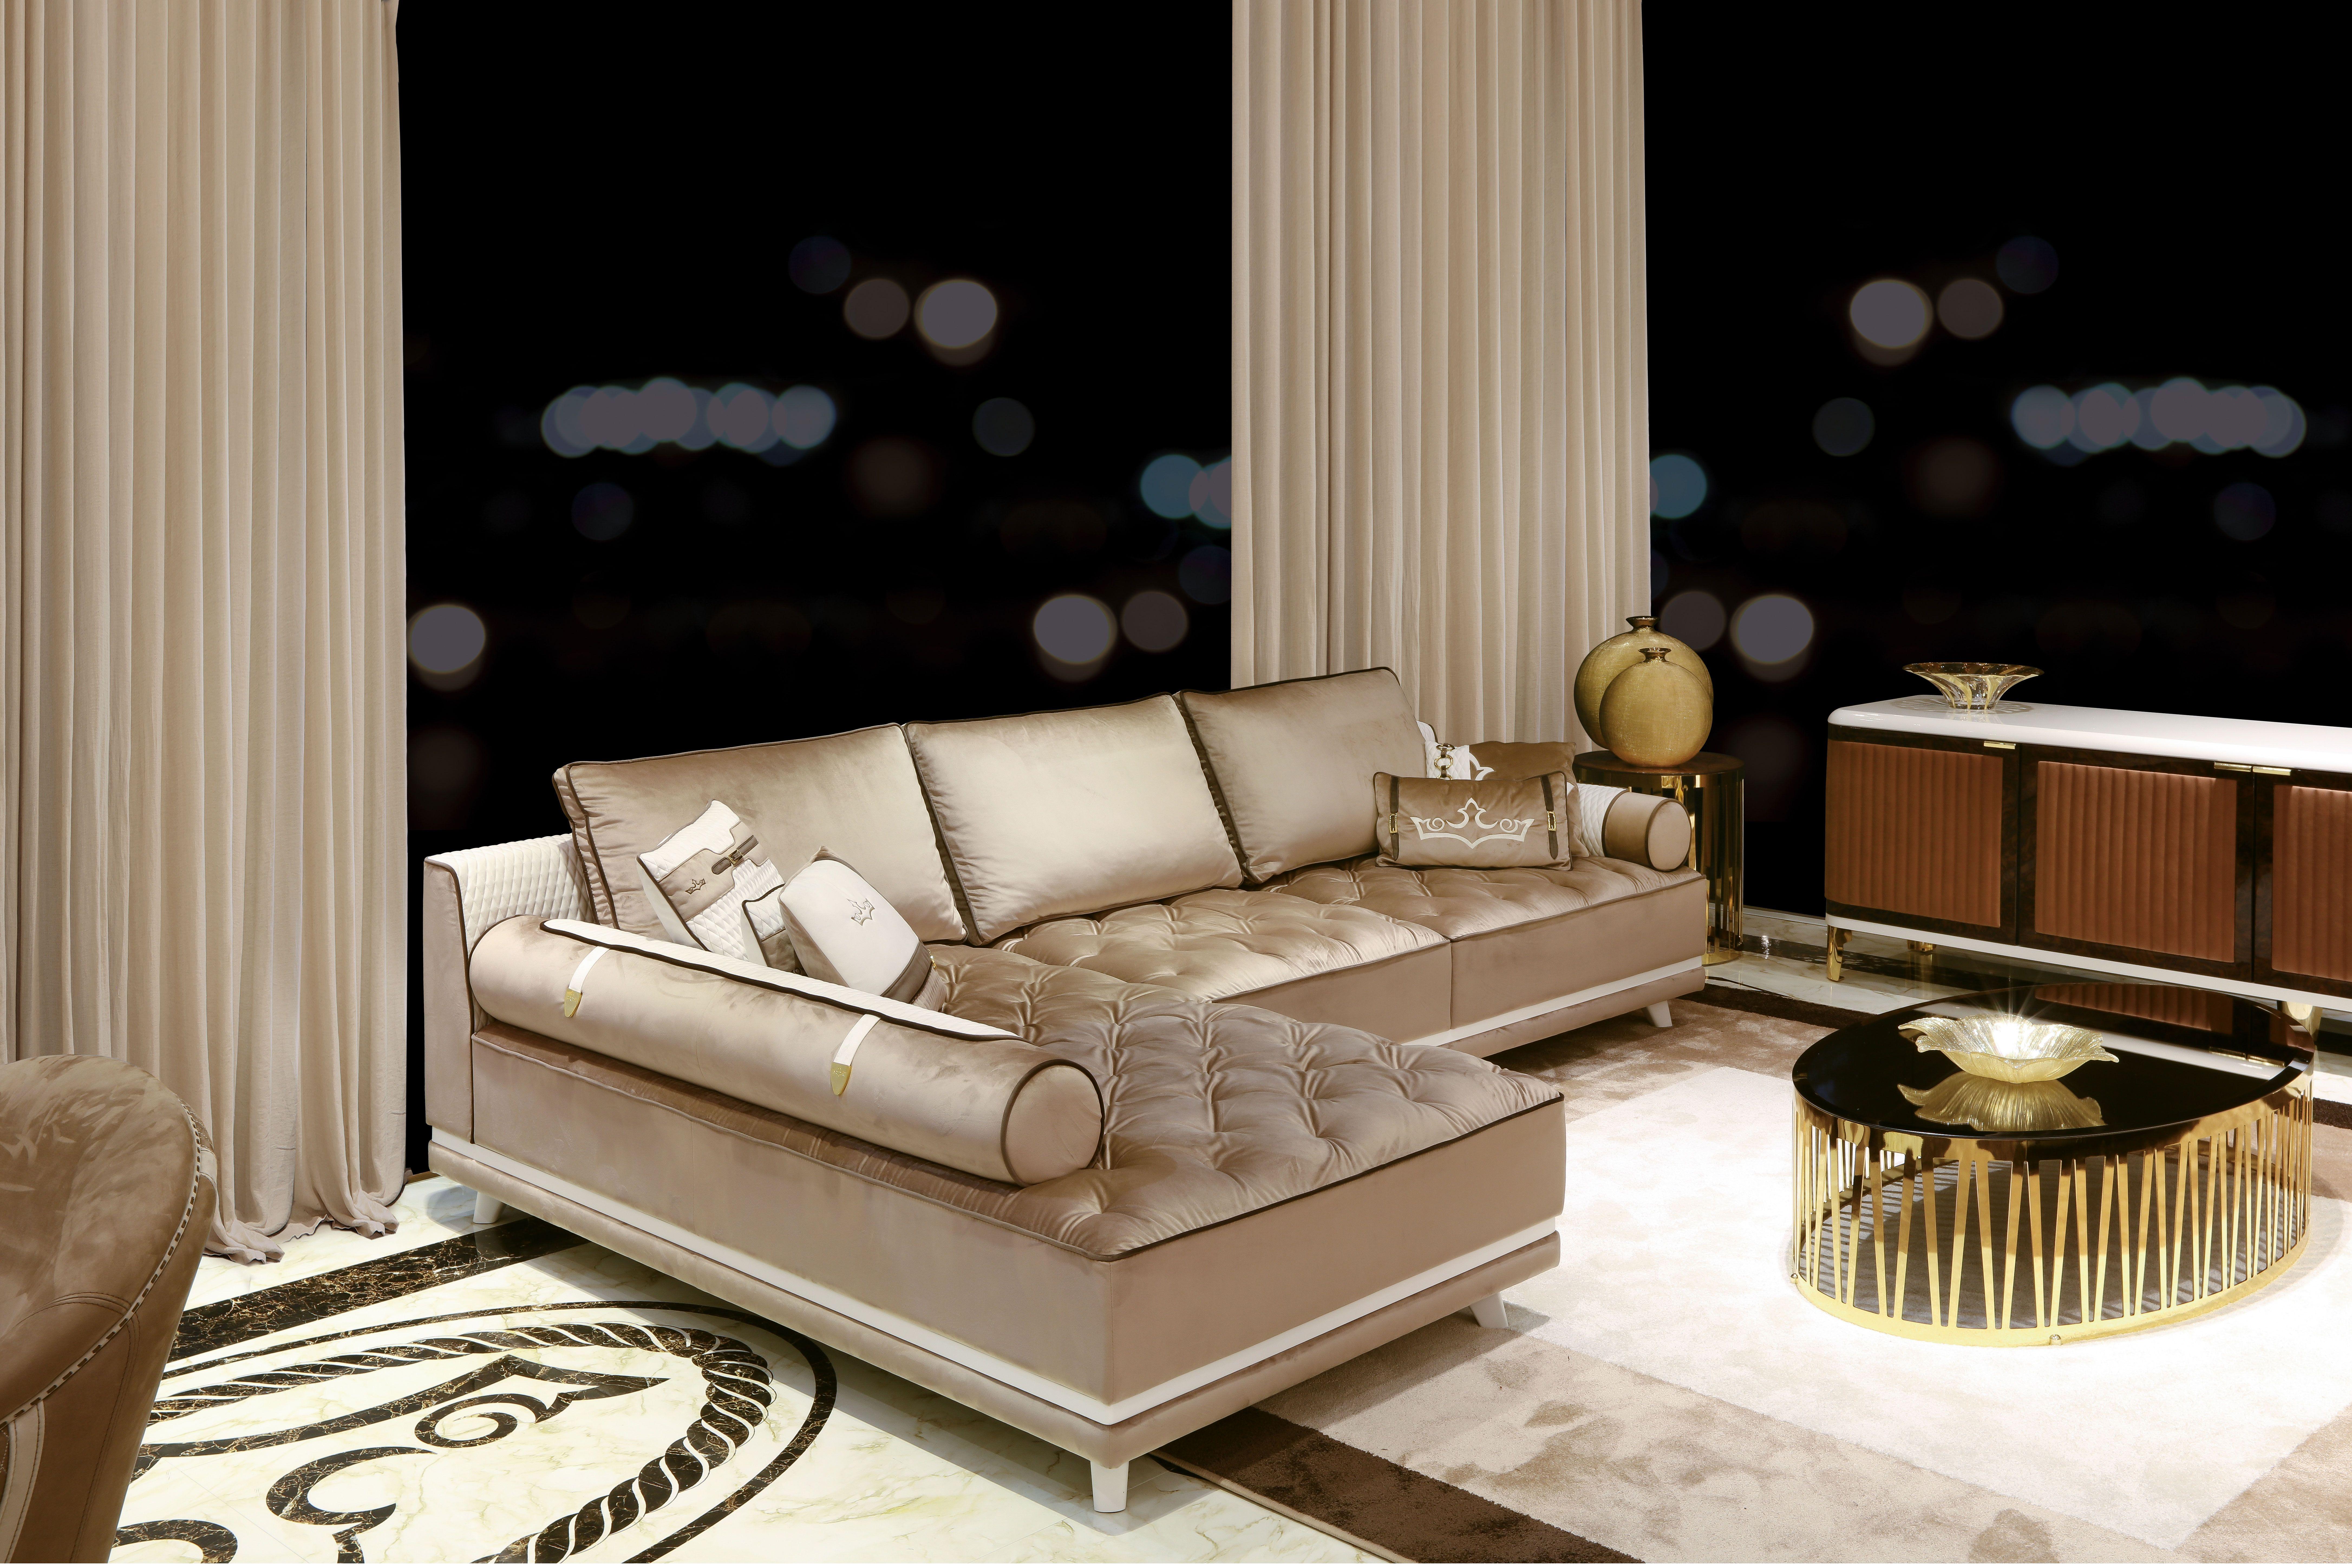 Experience The Supreme Luxury Www Venicasa Com 888 966 8399